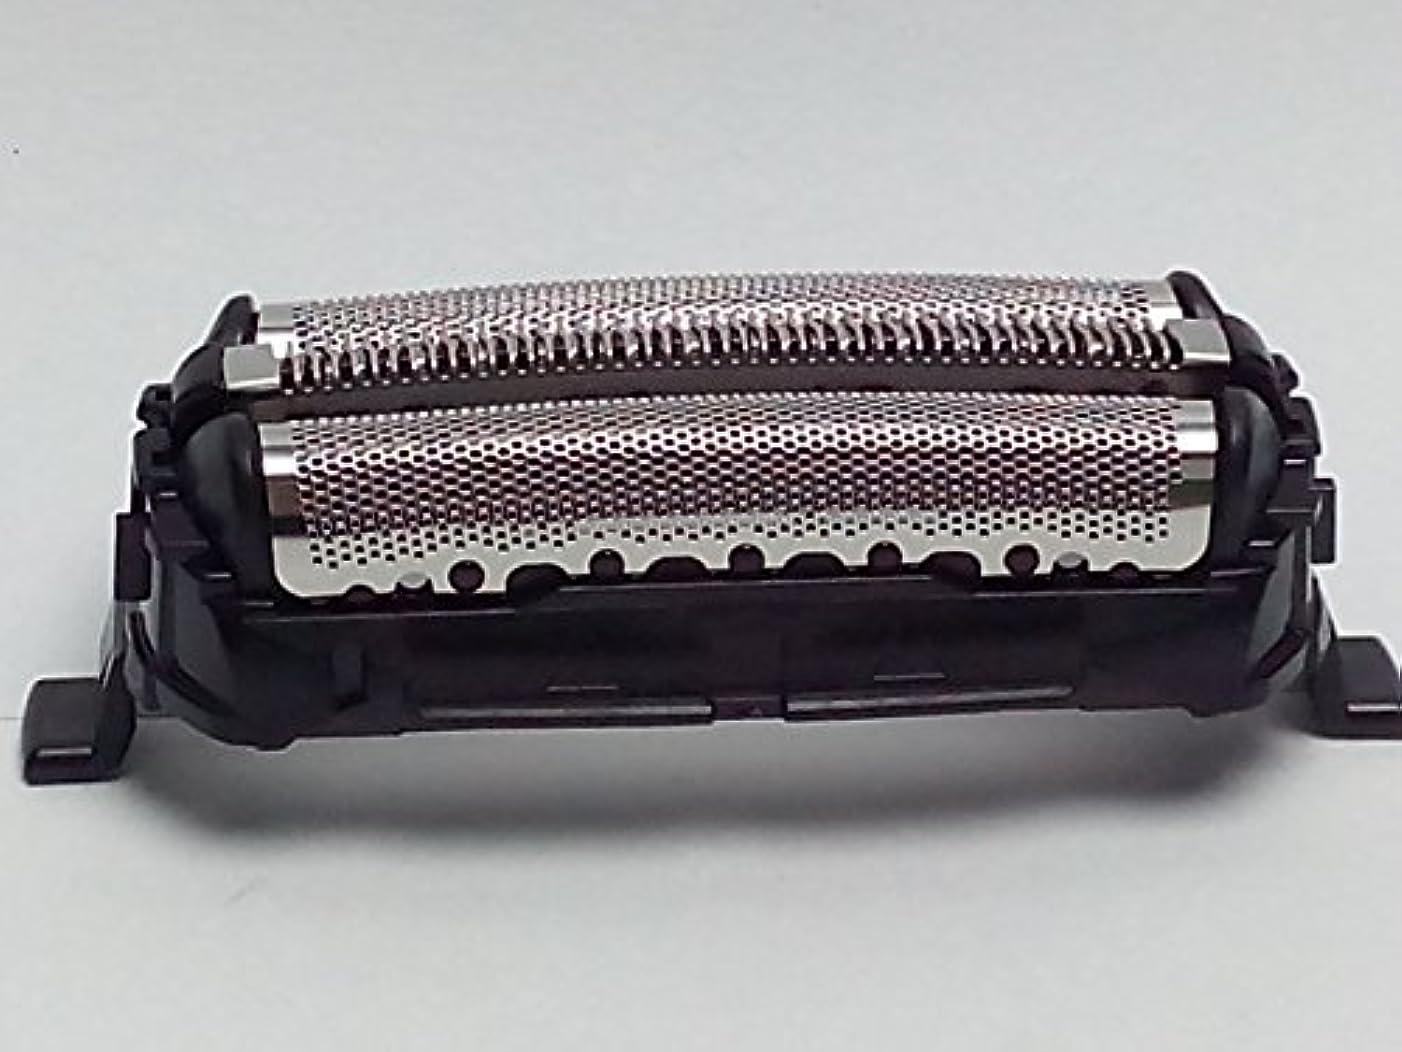 ラジカル持っている人気剃刀ヘッドブレードネット パナソニック PANASONIC ES-LT50 ES-LT33-S ES-SL83 ES-SL33 ES-RT17-K ES-RT77-S 交換用外箔 Shaver Razor head Replacement...